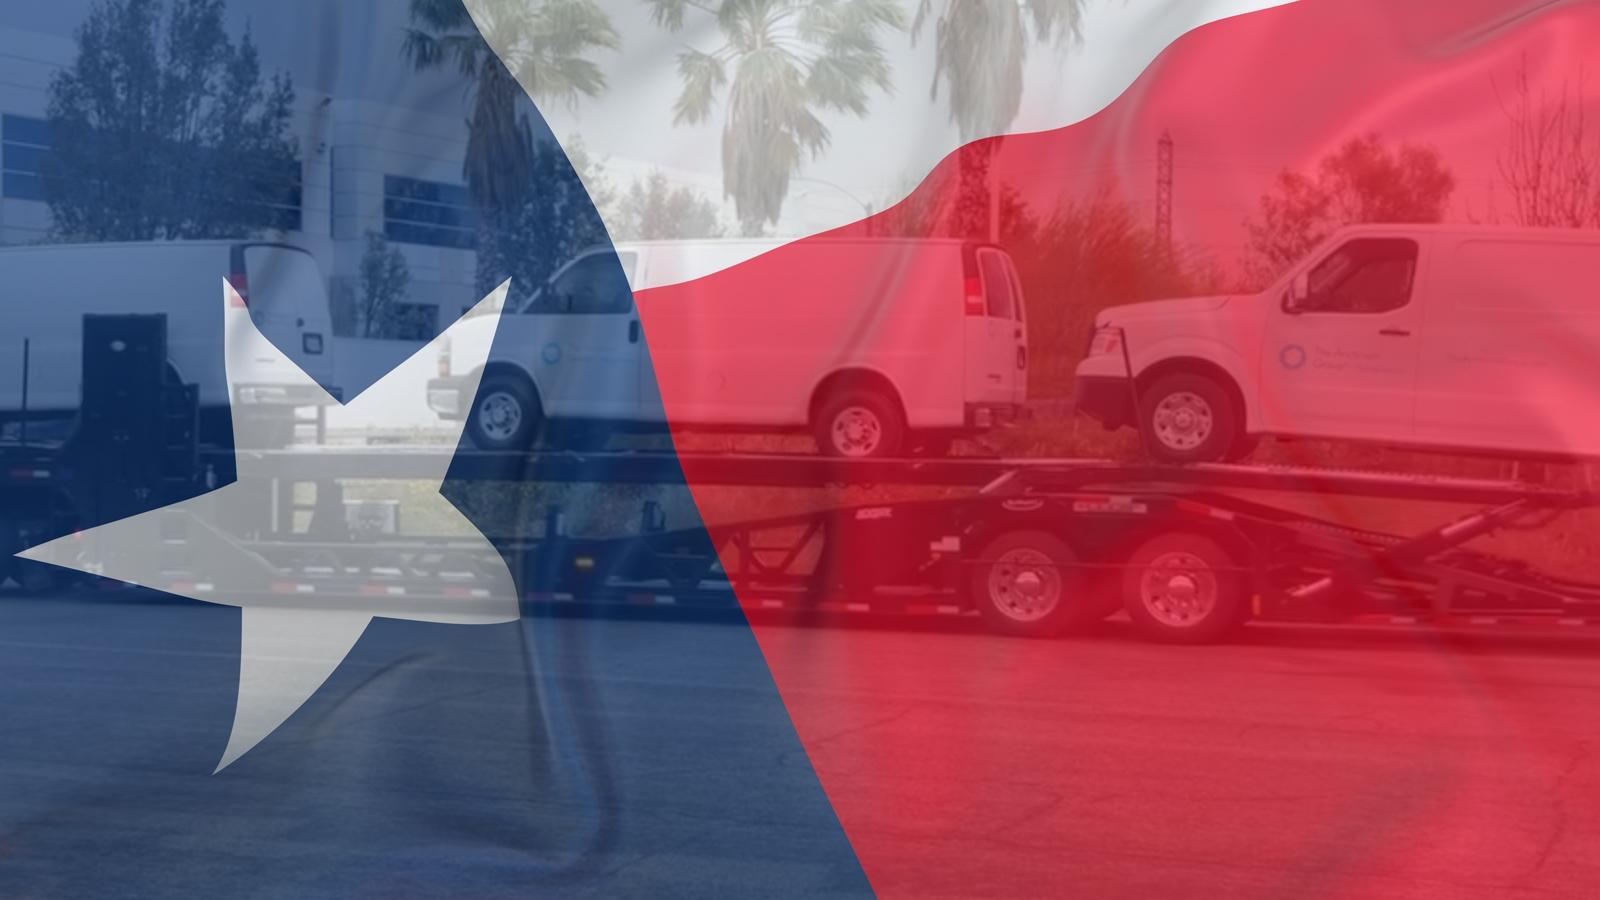 Bandera de Texas sobre camionetas de servicio